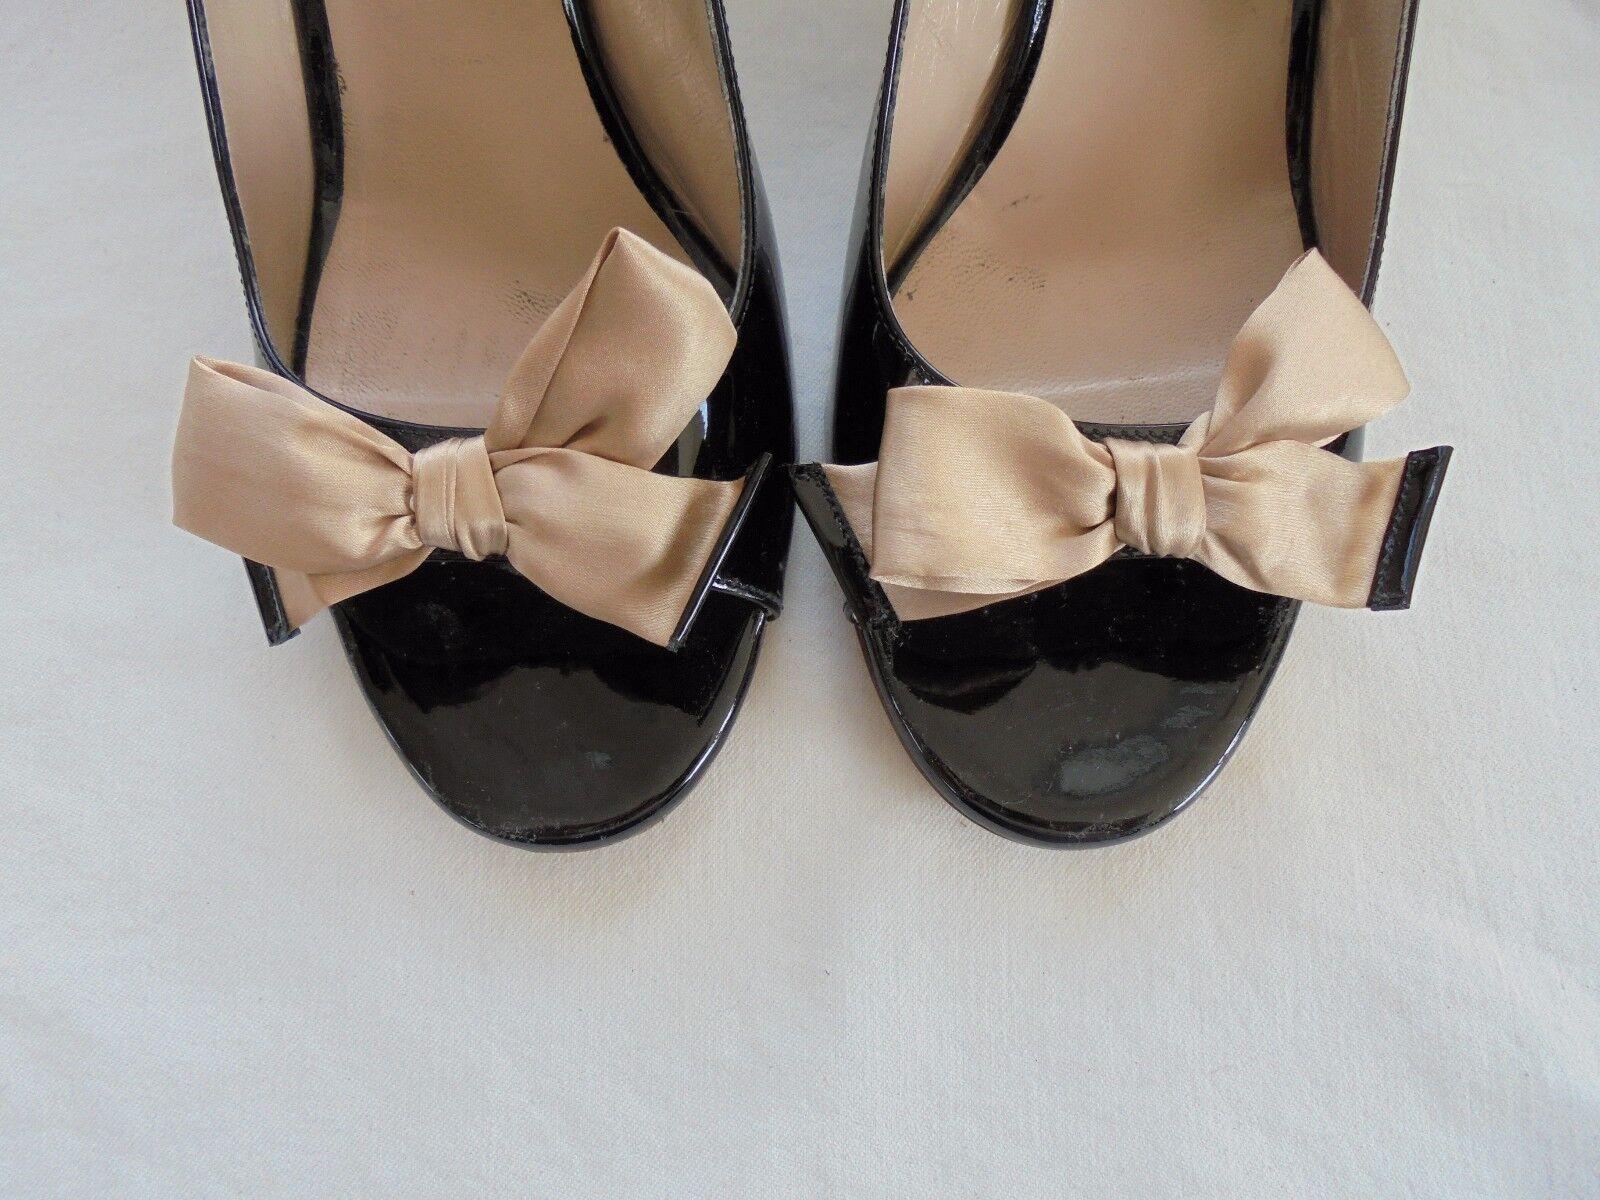 L'Autre Chose Lackleder Sandaletten Schuhe NP  + OVP Schuhe Sandaletten Pumps Gr. 40 691a70